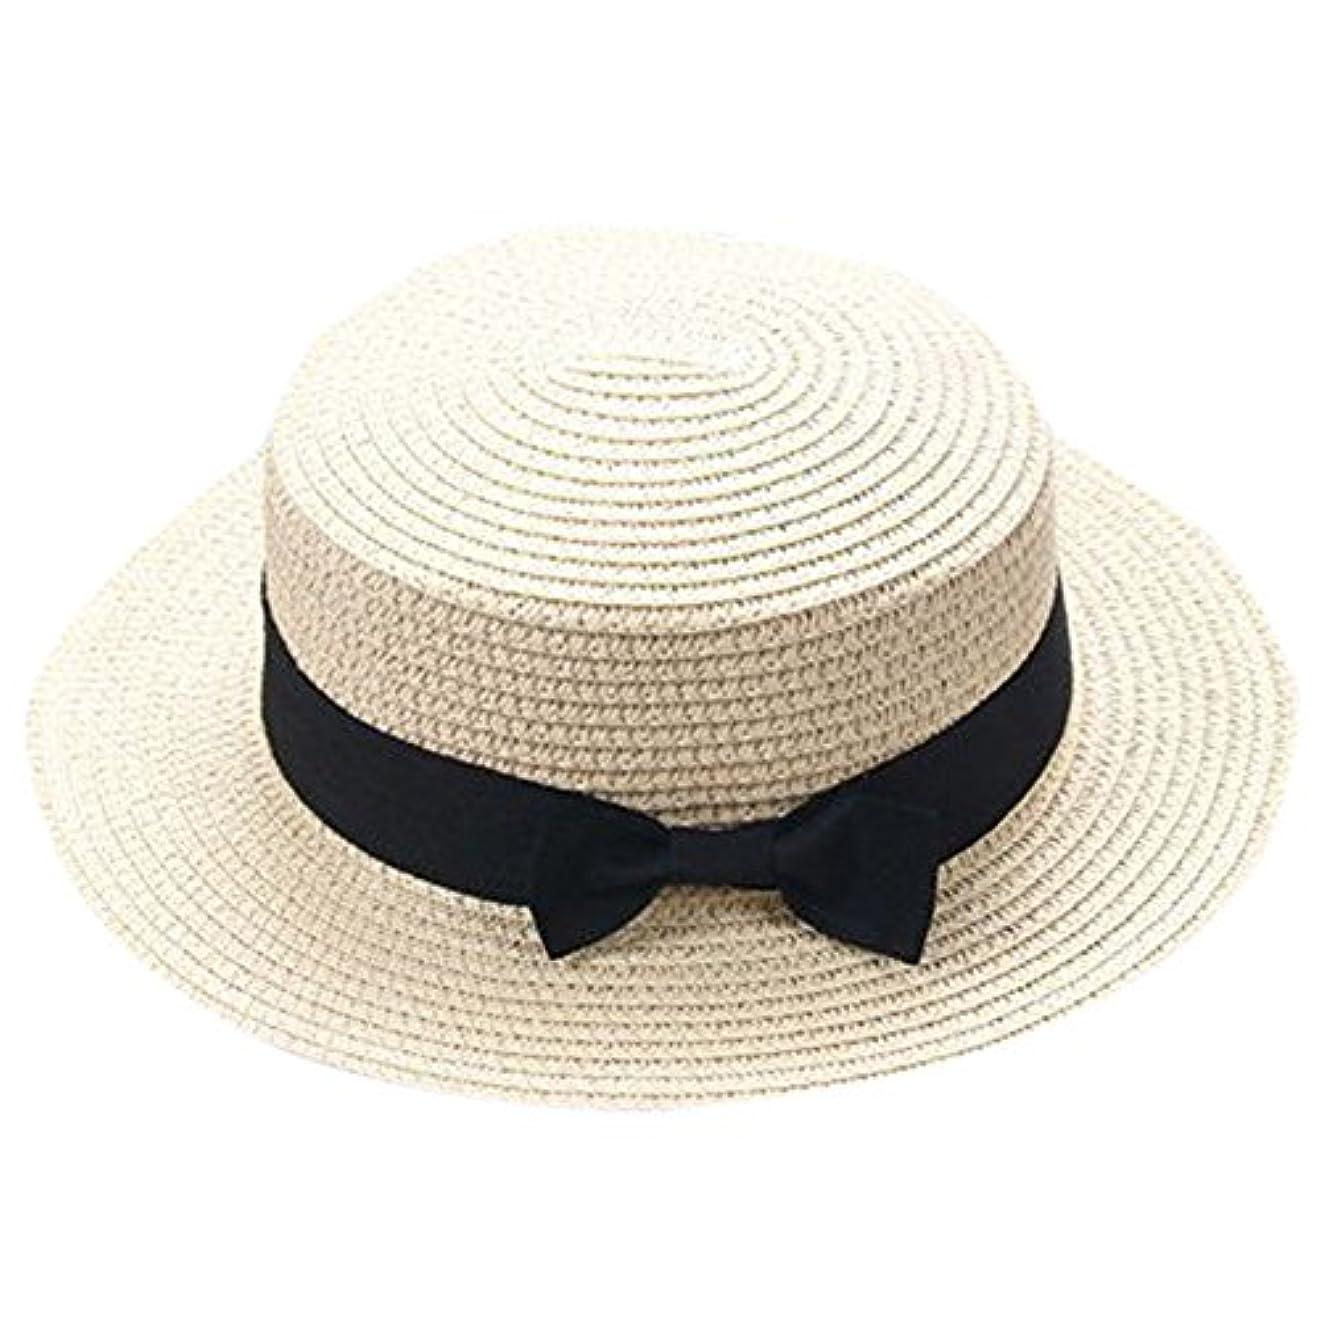 センチメンタルワイドシャープキャップ キッズ 日よけ 帽子 小顔効果抜群 旅行用 日よけ 夏 ビーチ 海辺 かわいい リゾート 紫外線対策 男女兼用 日焼け防止 熱中症予防 取り外すあご紐 つば広 おしゃれ 可愛い 夏 ROSE ROMAN